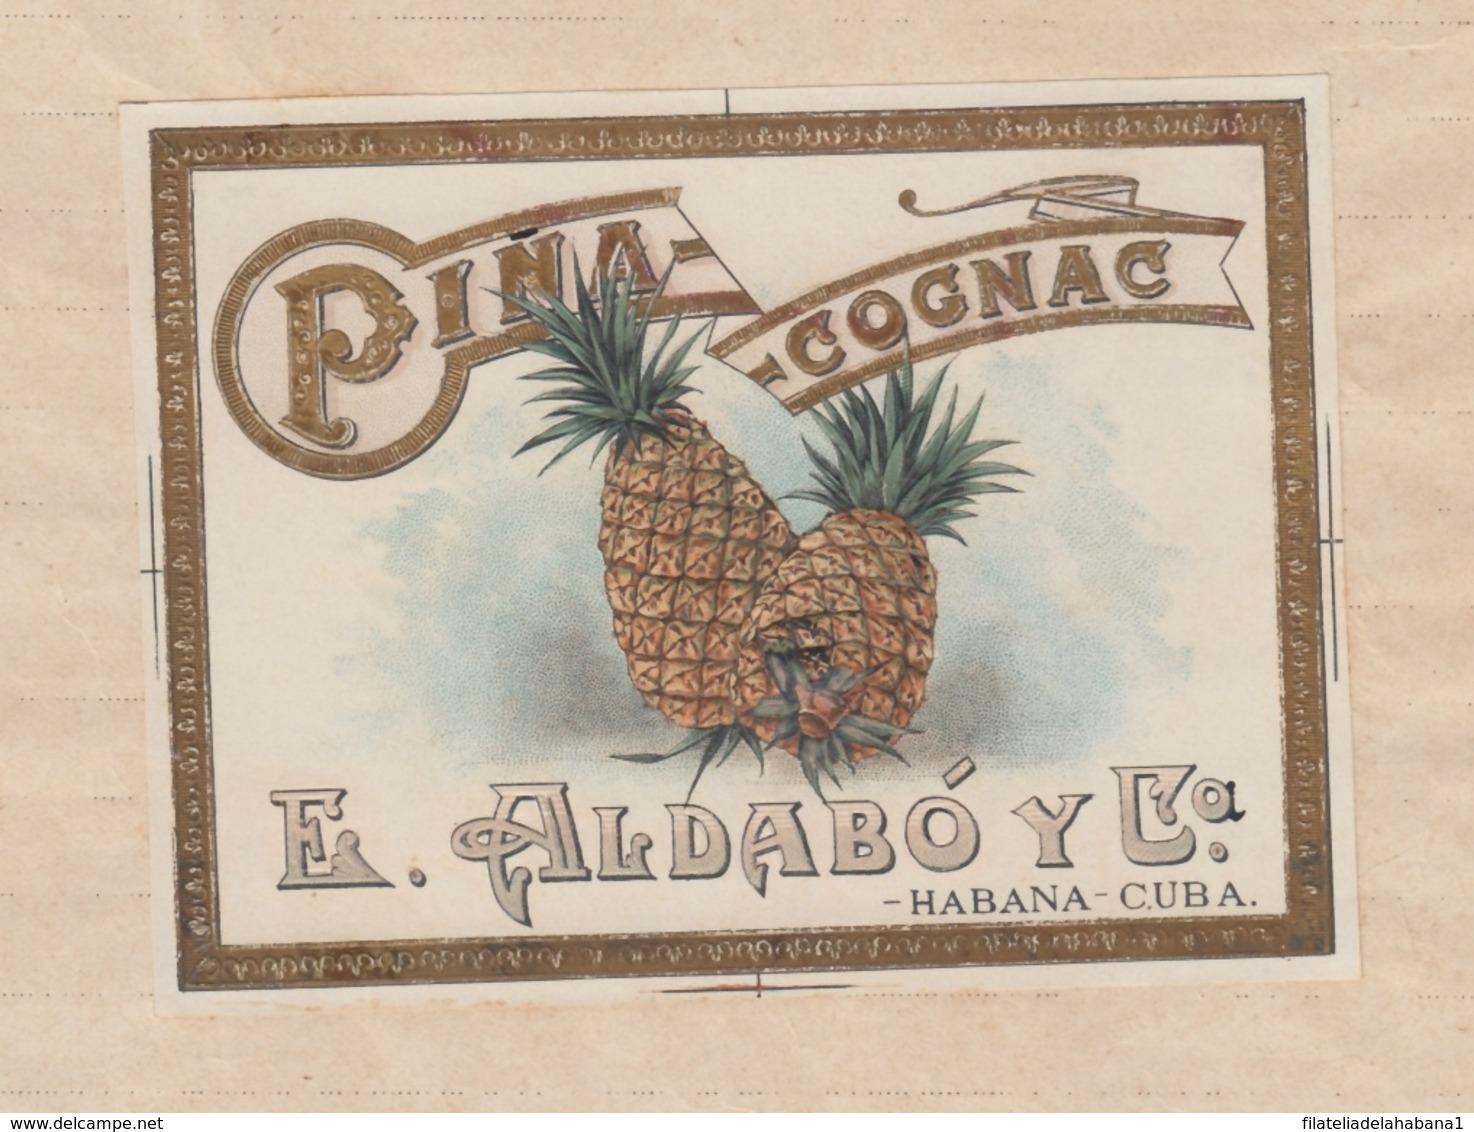 E6275 CUBA 1918 DOC REGISTRO DE MARCAS Y PATENTES. ALDABO COGNAC PIÑA. - Documentos Históricos